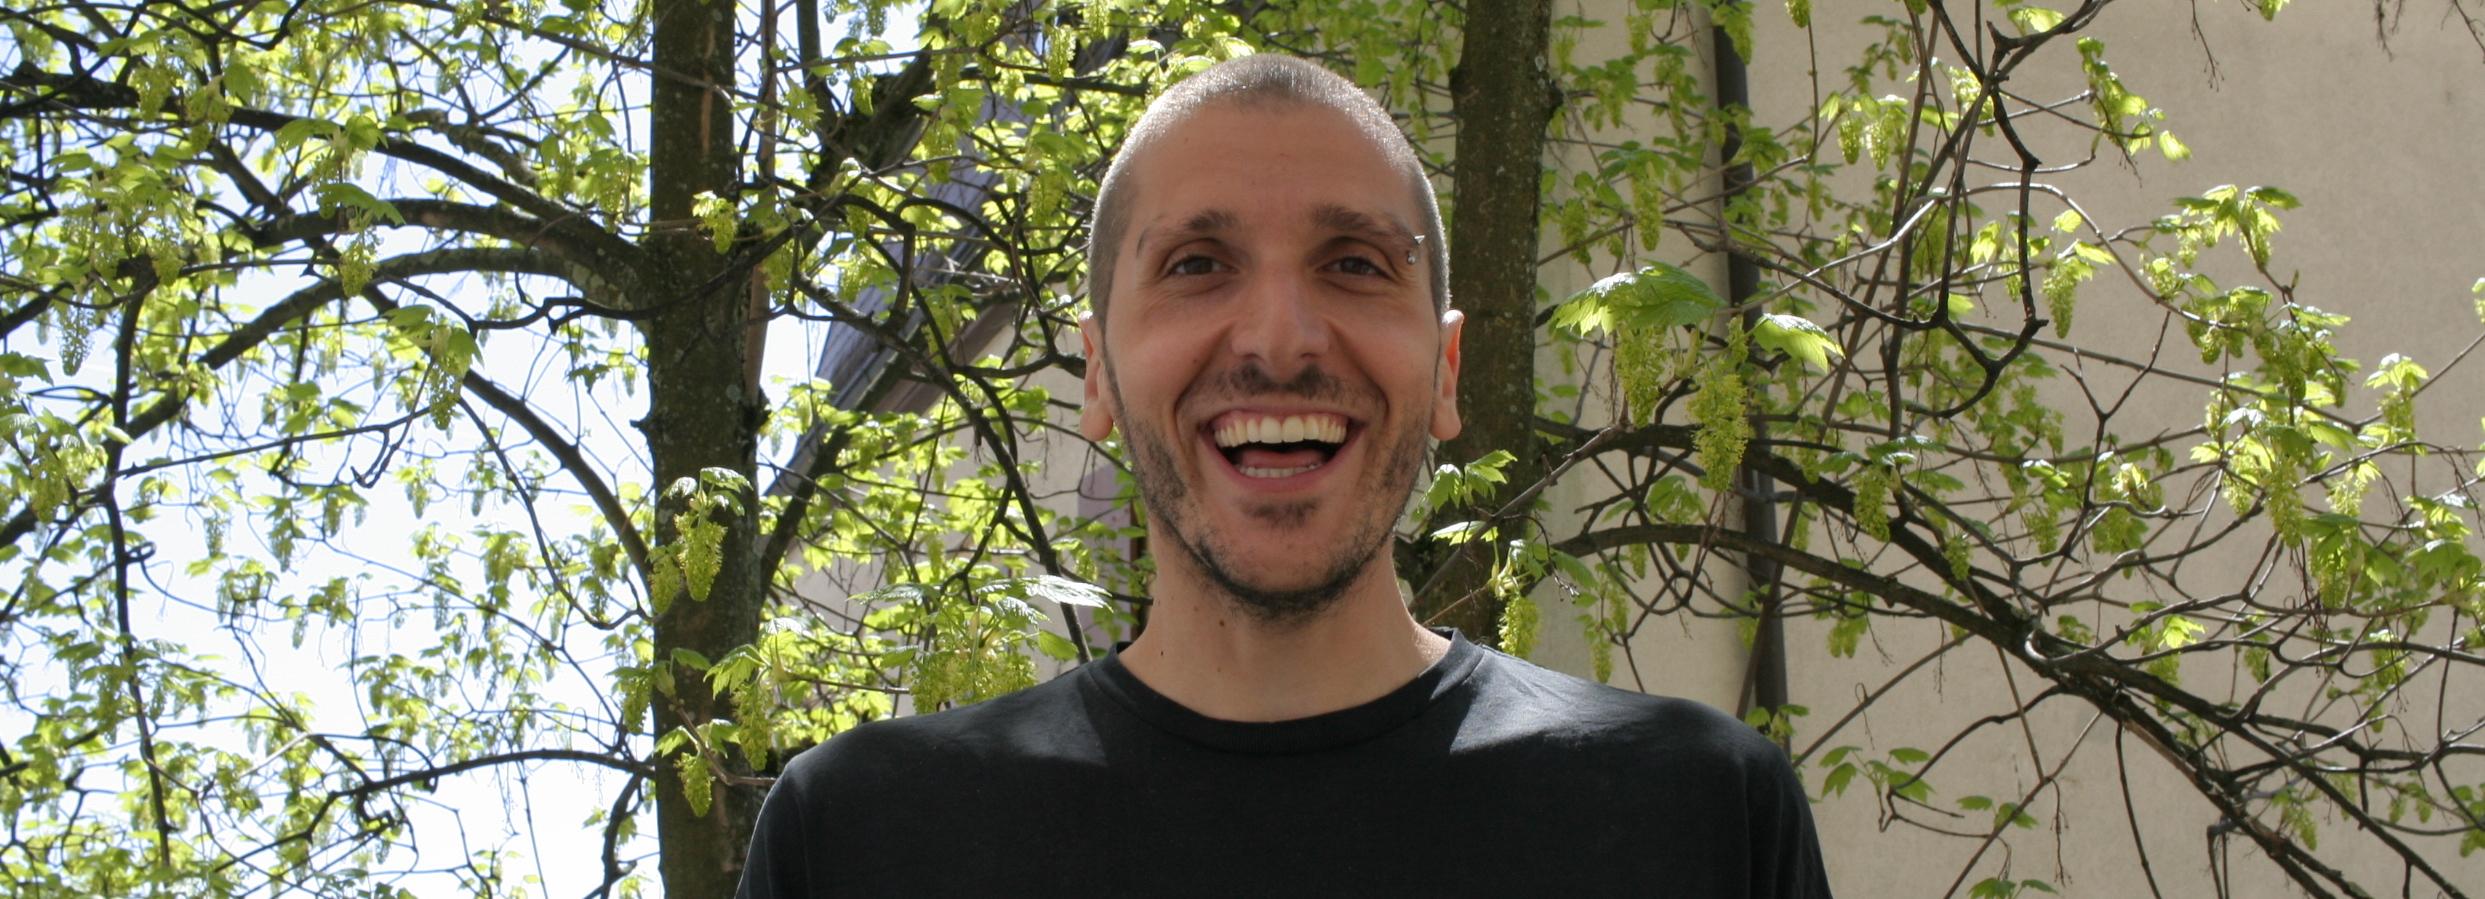 Florian Candelieri